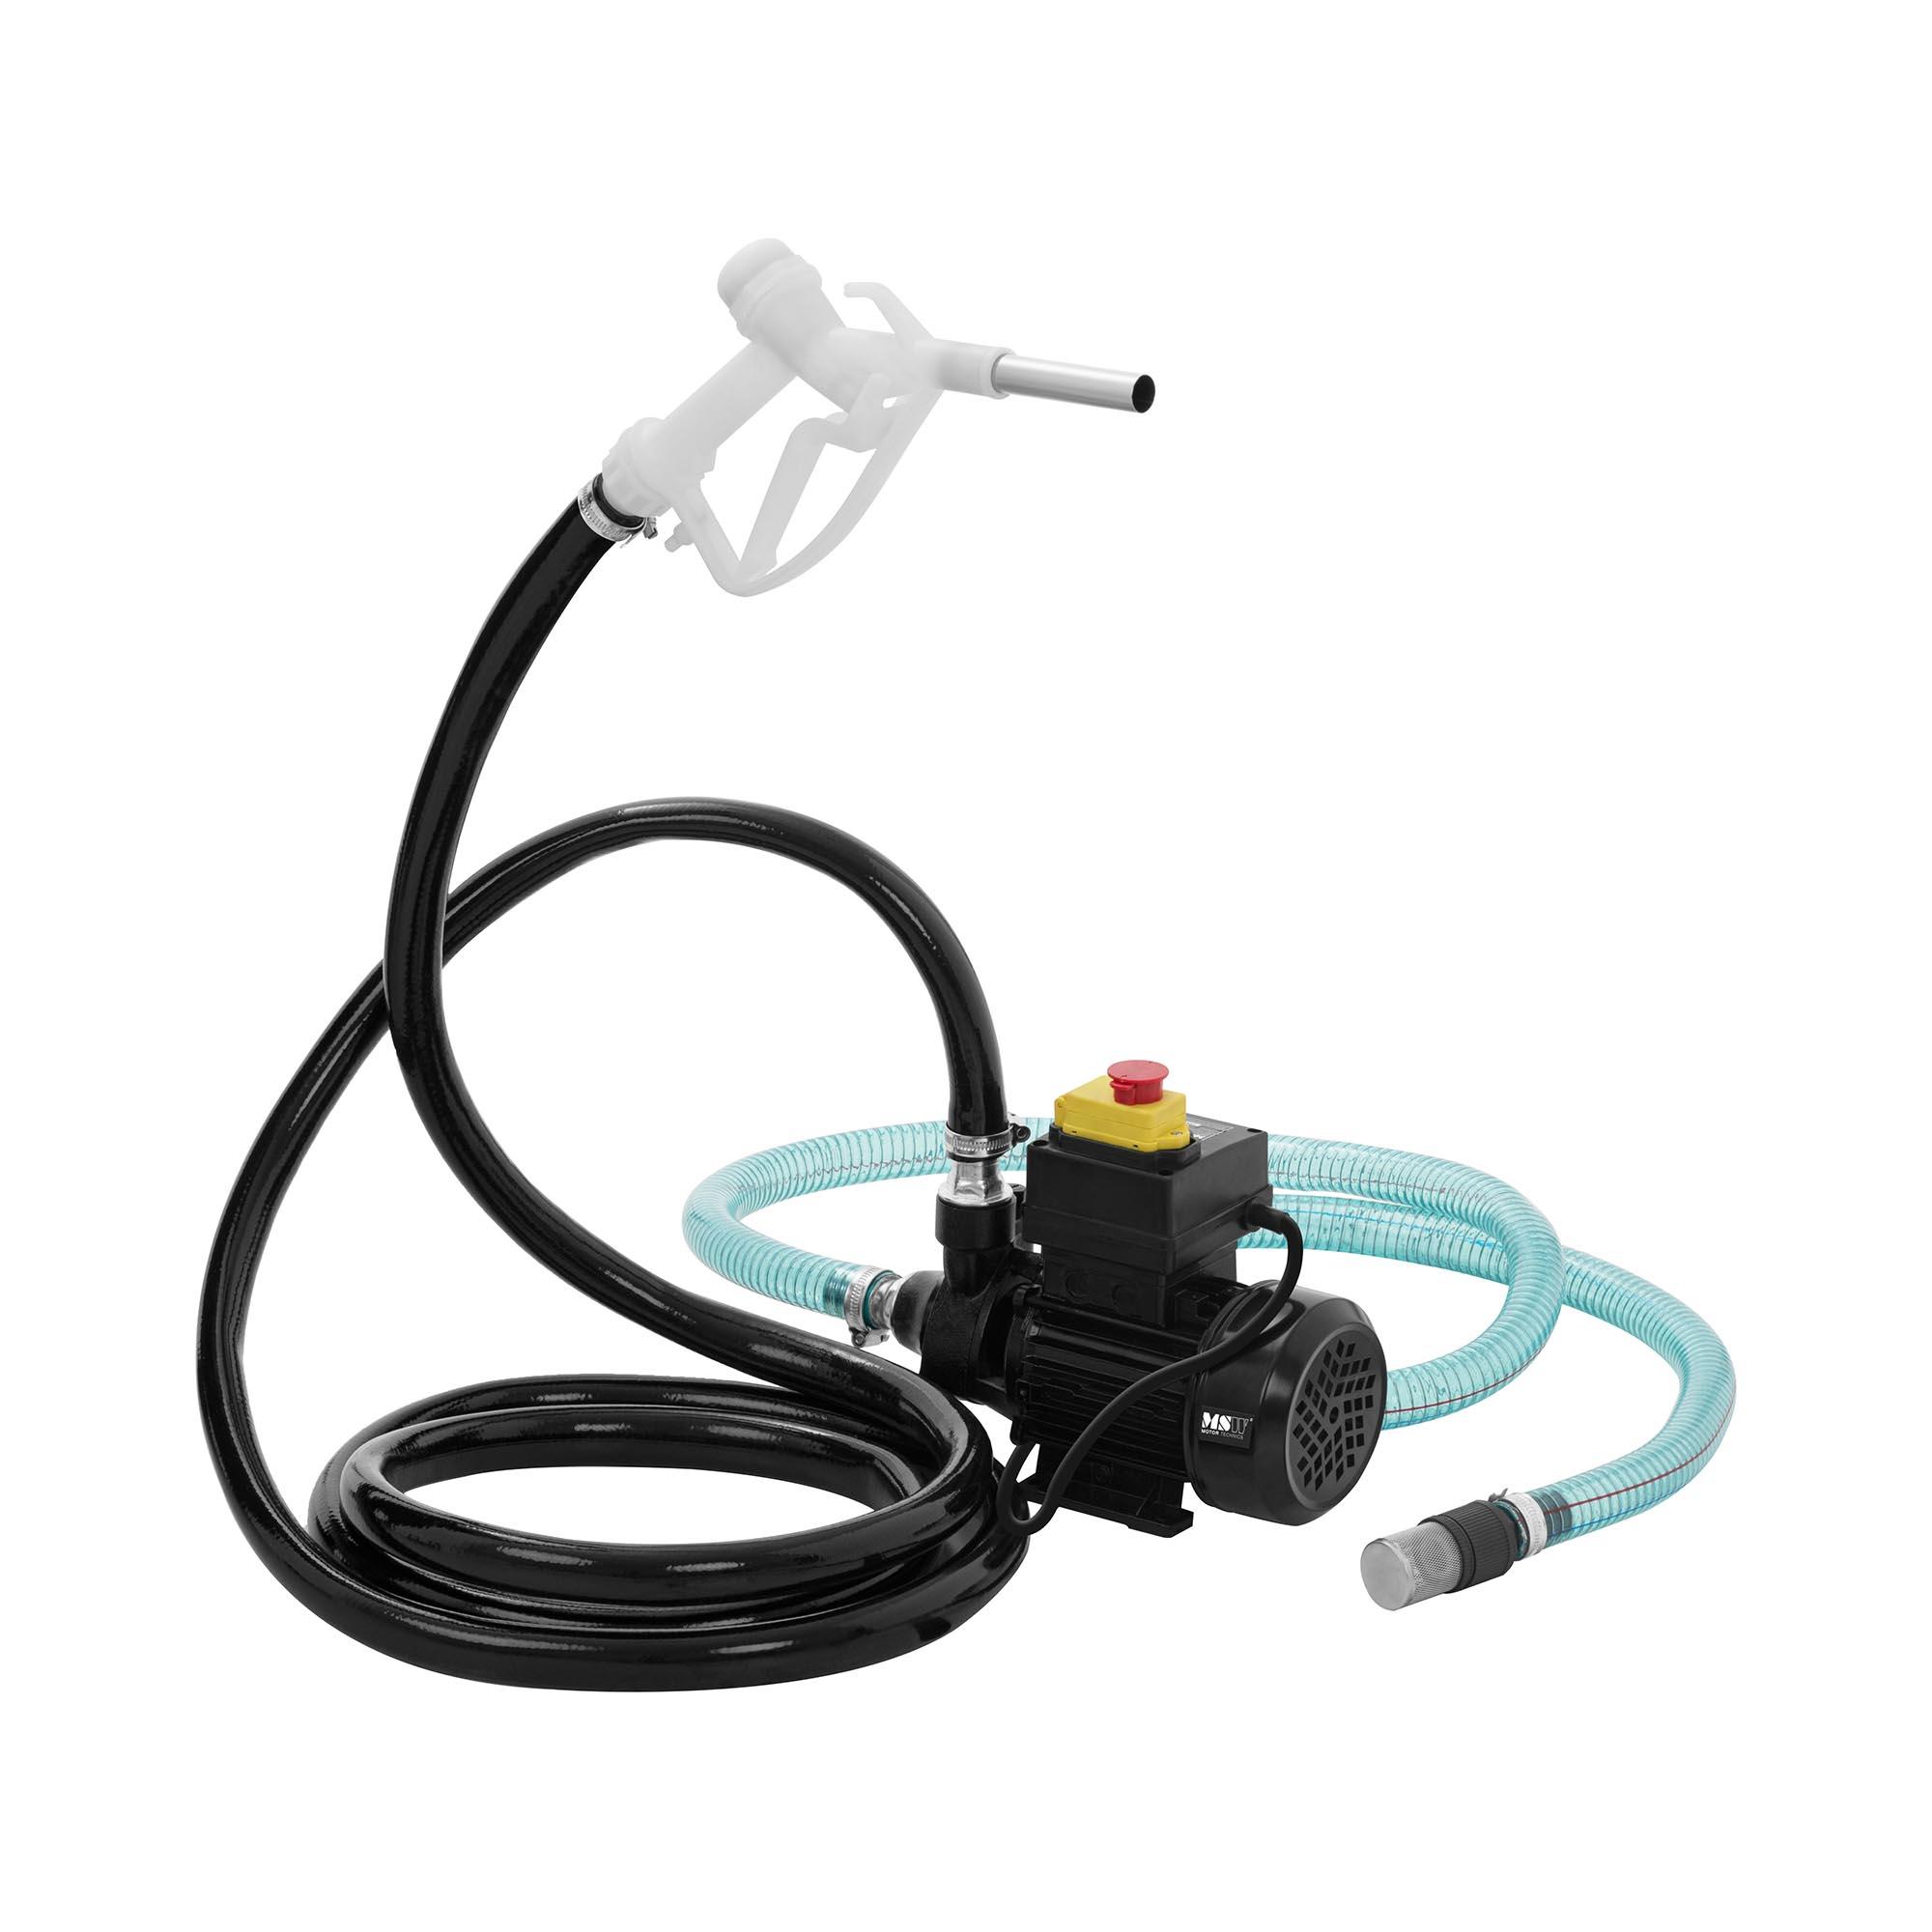 MSW Dieselpumpe - 40 l/min - 370 W 10060823